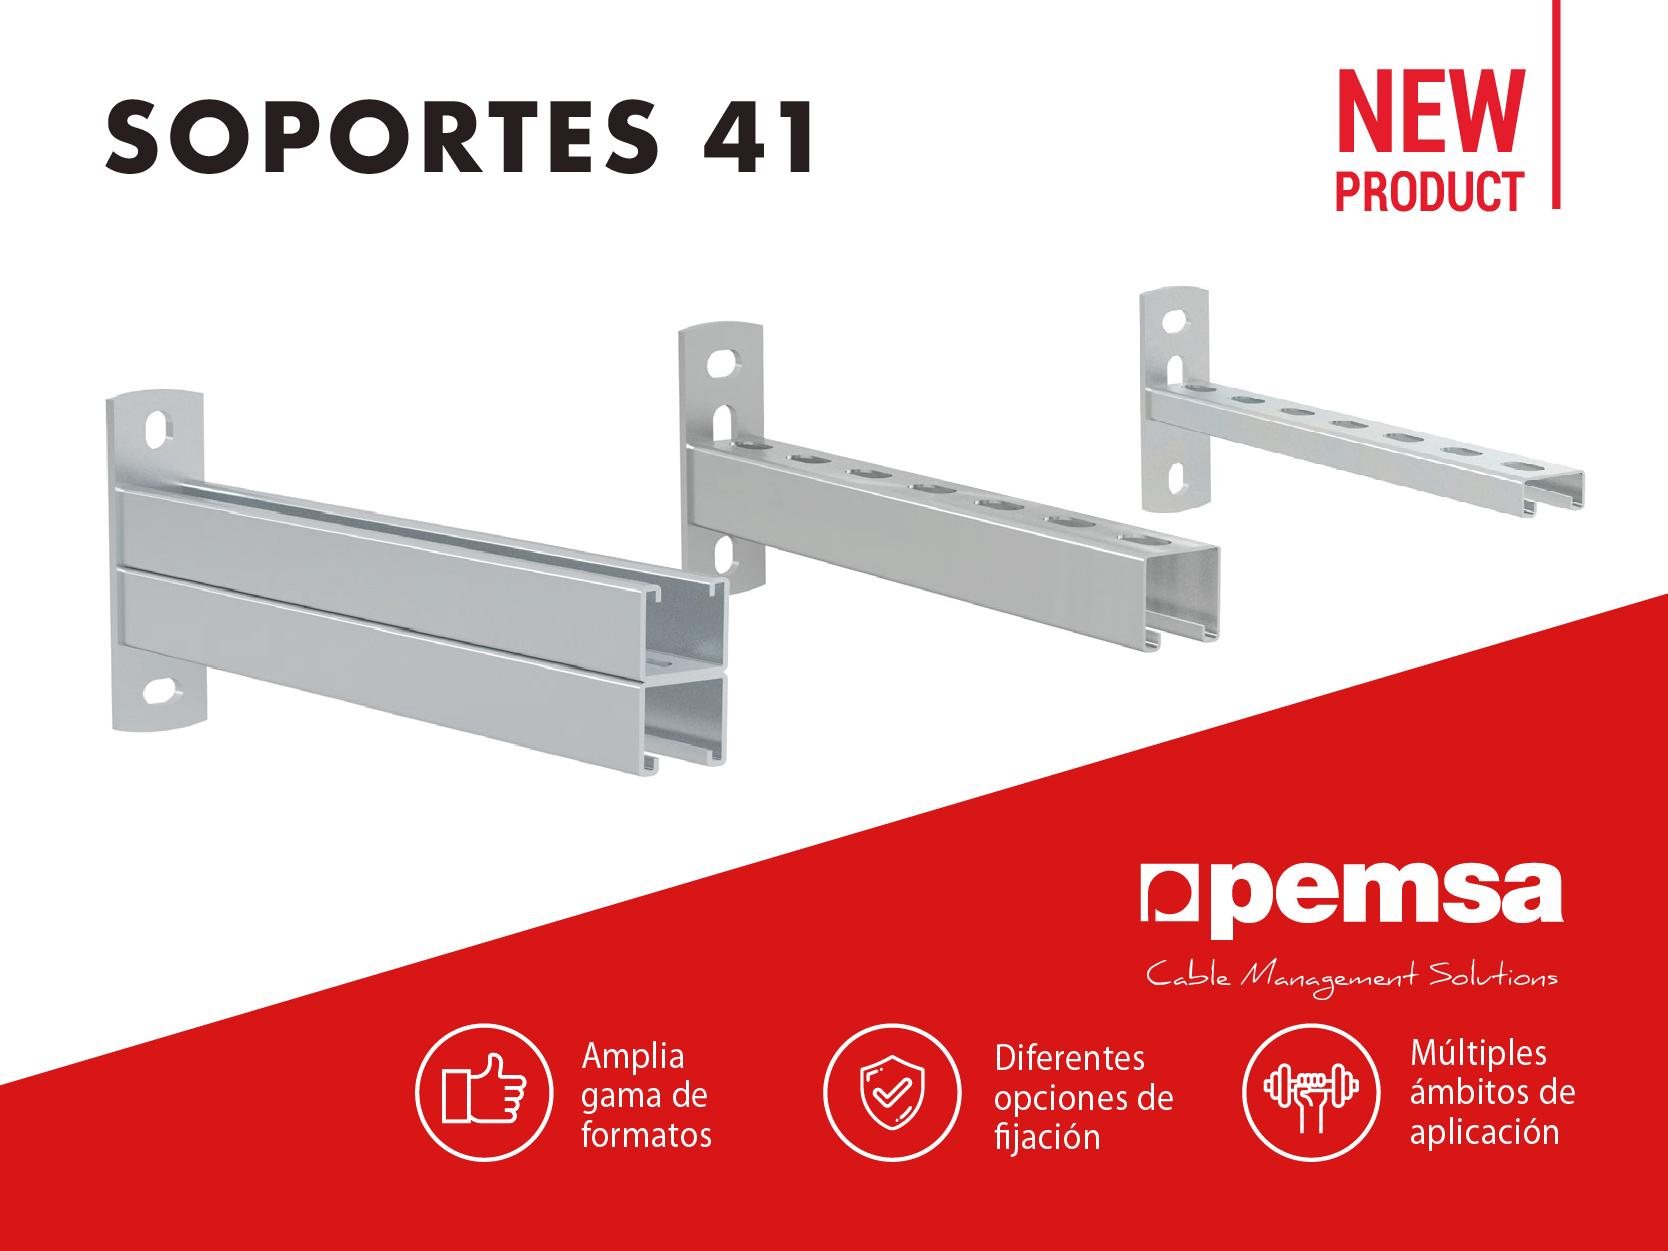 Pemsa lanza la nueva Gama de Soportes 41